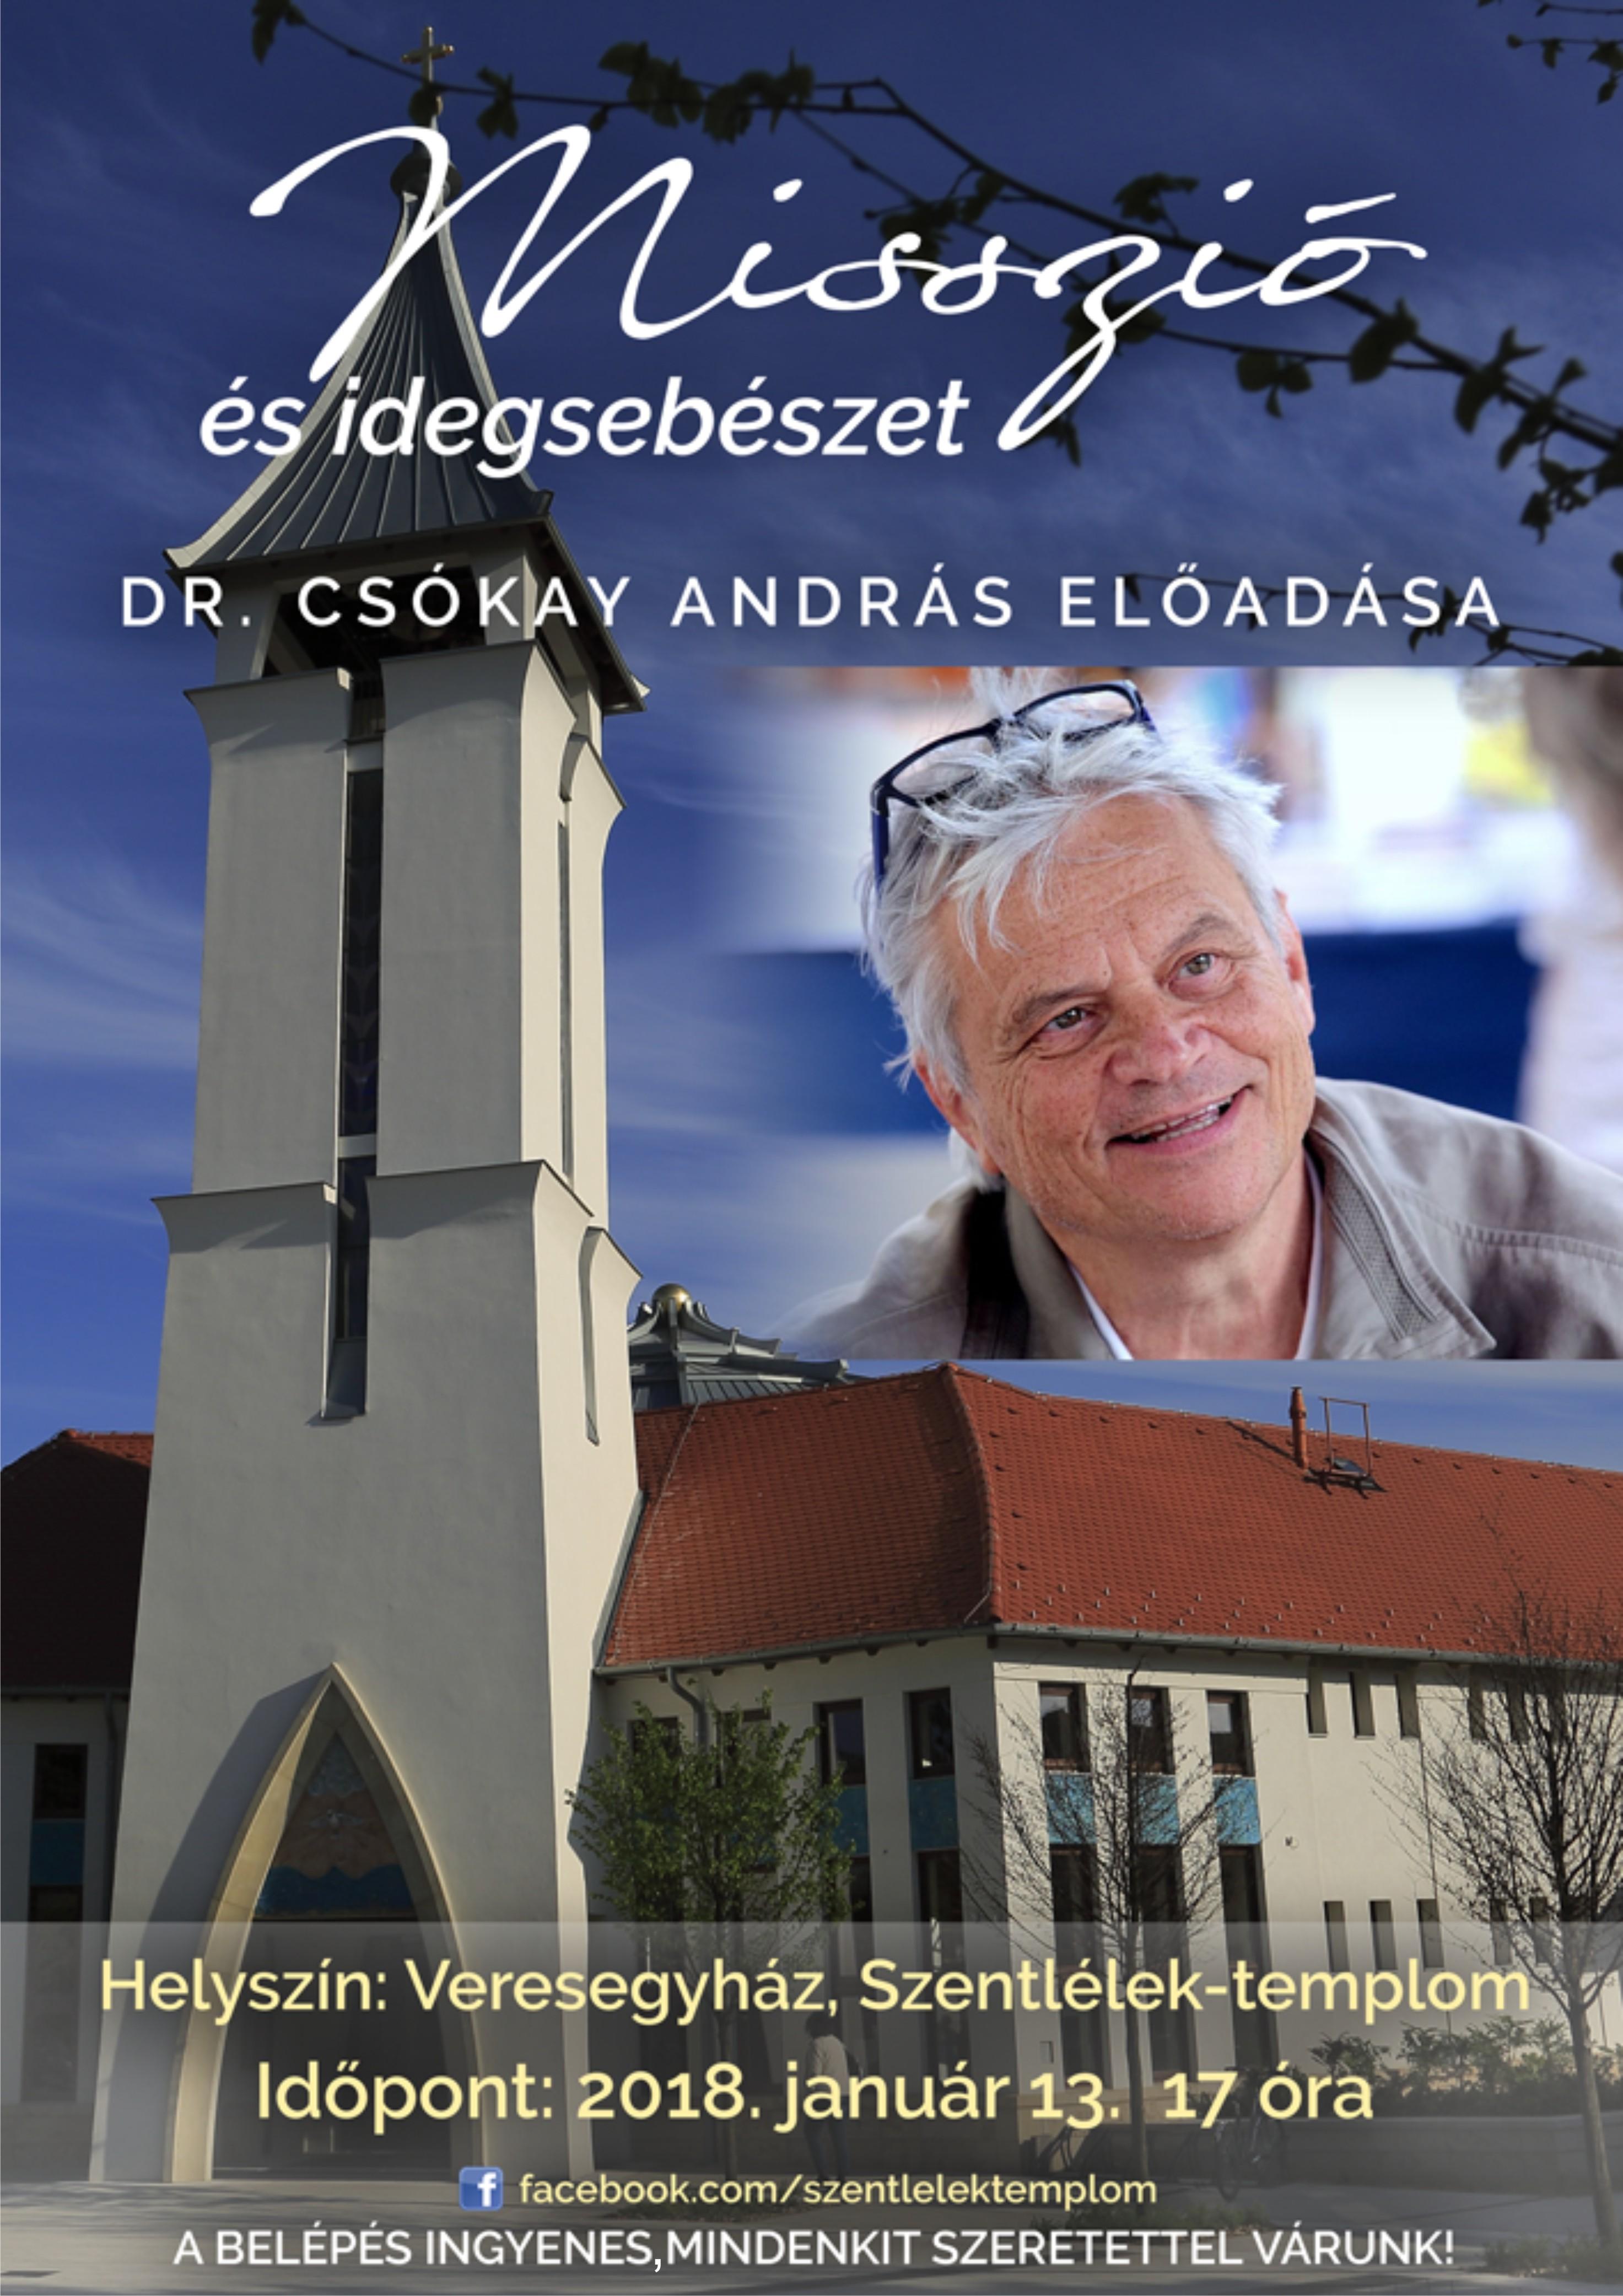 Misszió és idegsebészet - Dr. Csókay András előadása